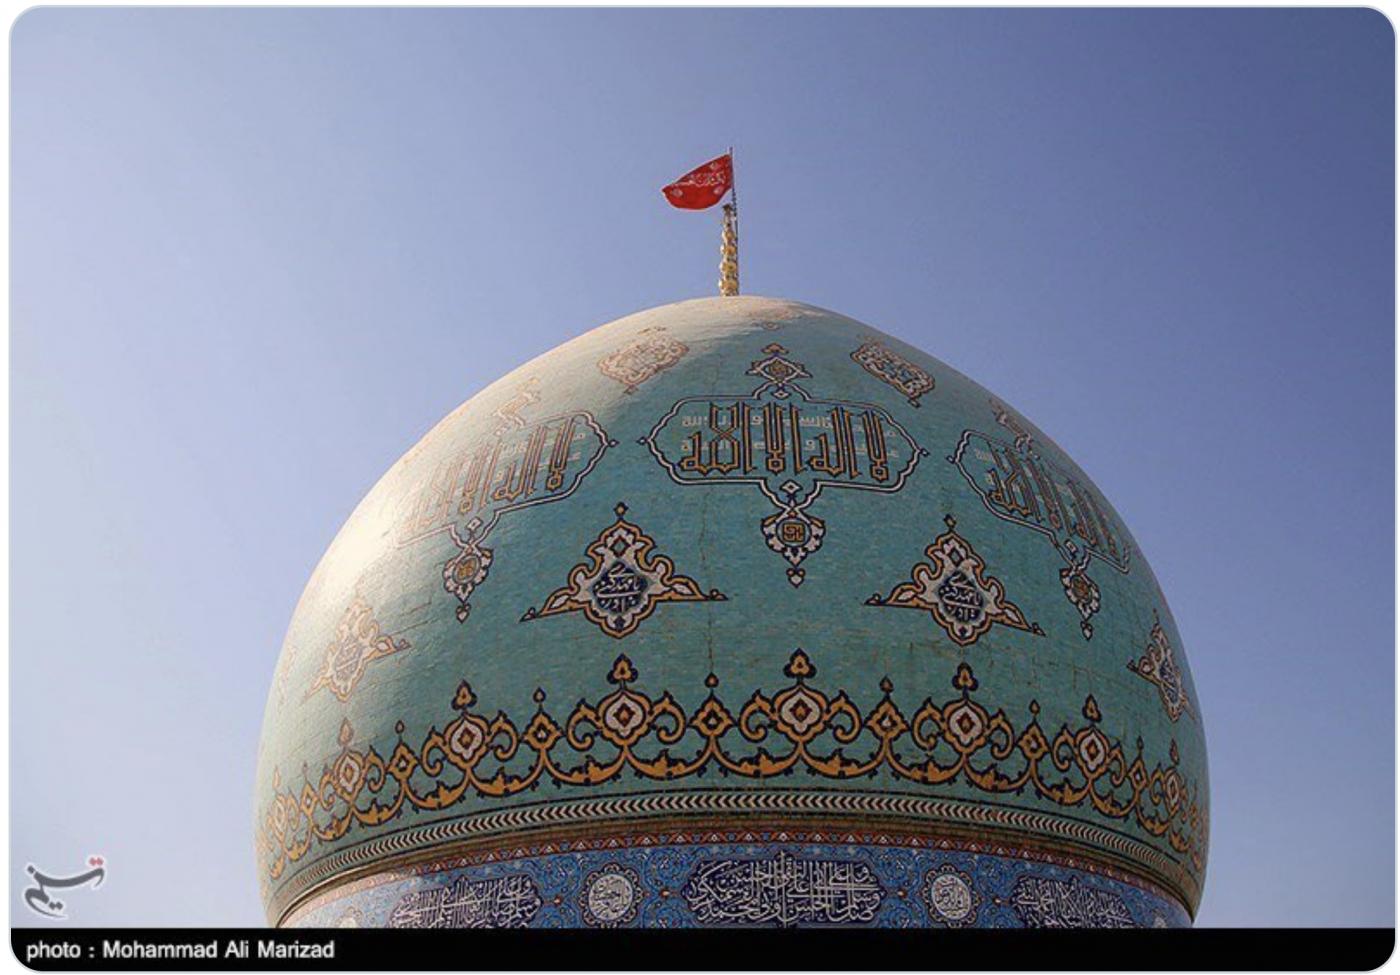 伊朗向伊拉克美军基地发射弹道导弹_图1-1